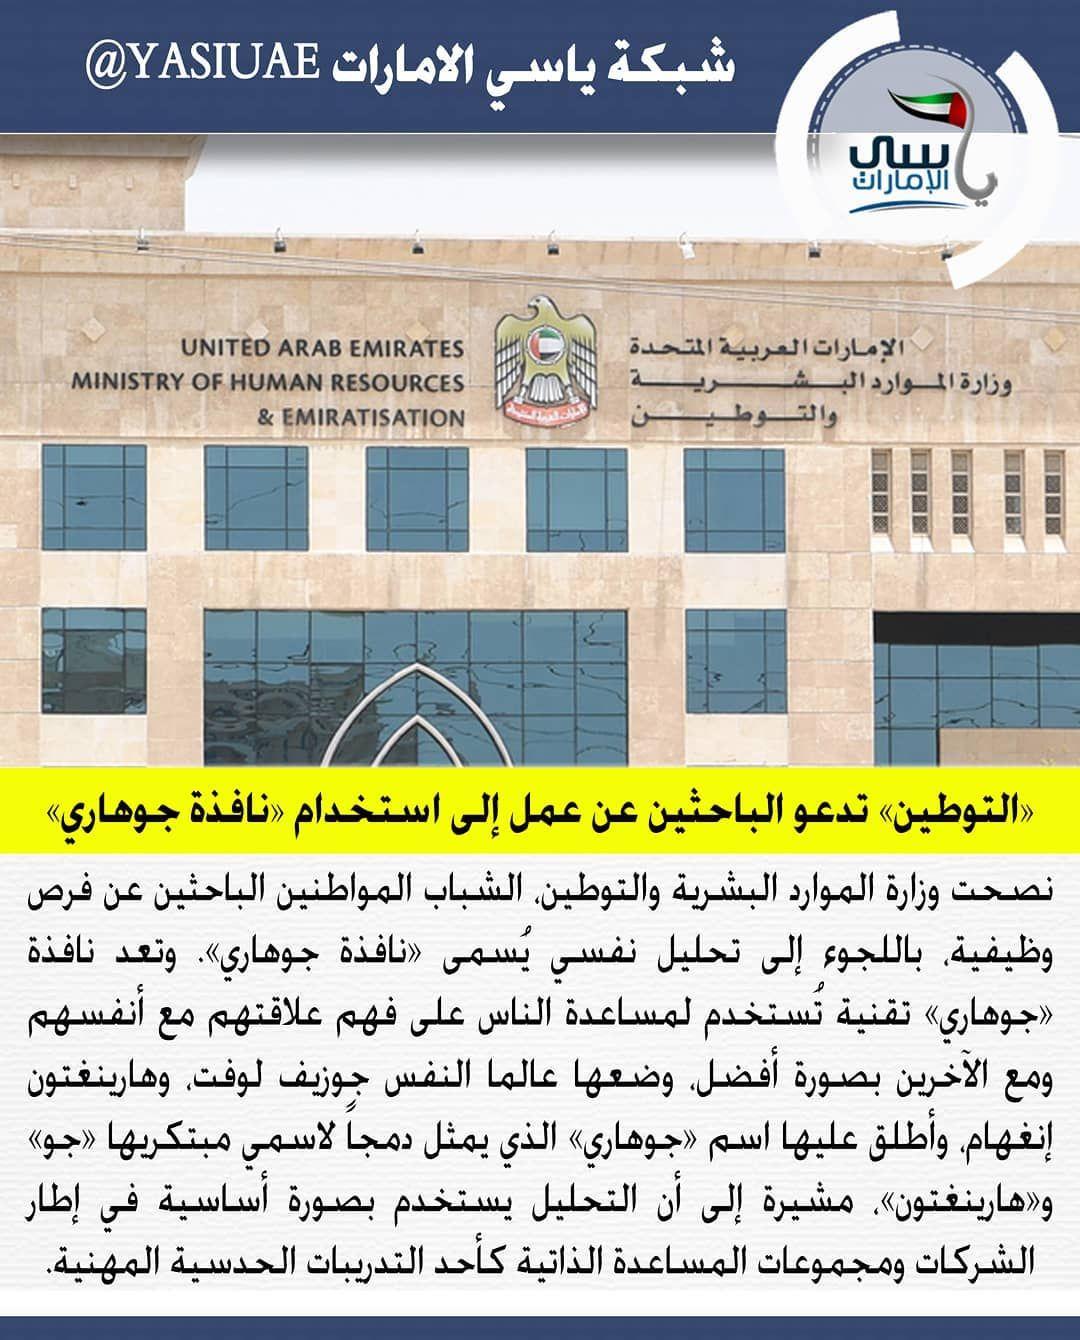 نصحت وزارة الموارد البشرية والتوطين الشباب المواطنين الباحثين عن فرص وظيفية باللجوء إلى تحليل نفسي ي سمى نافذة Human Resources United Arab Emirates The Unit